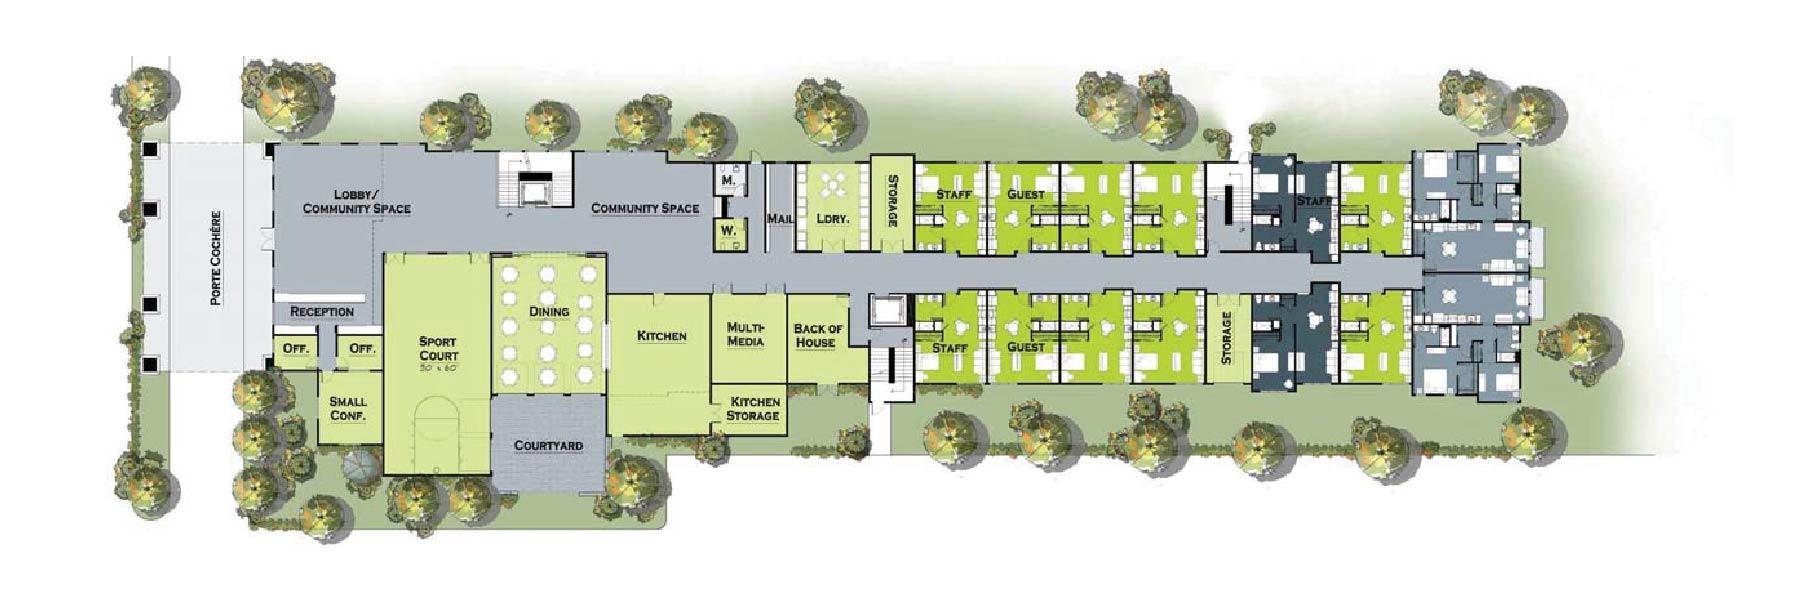 Trailhead Ground Level Floor Plans